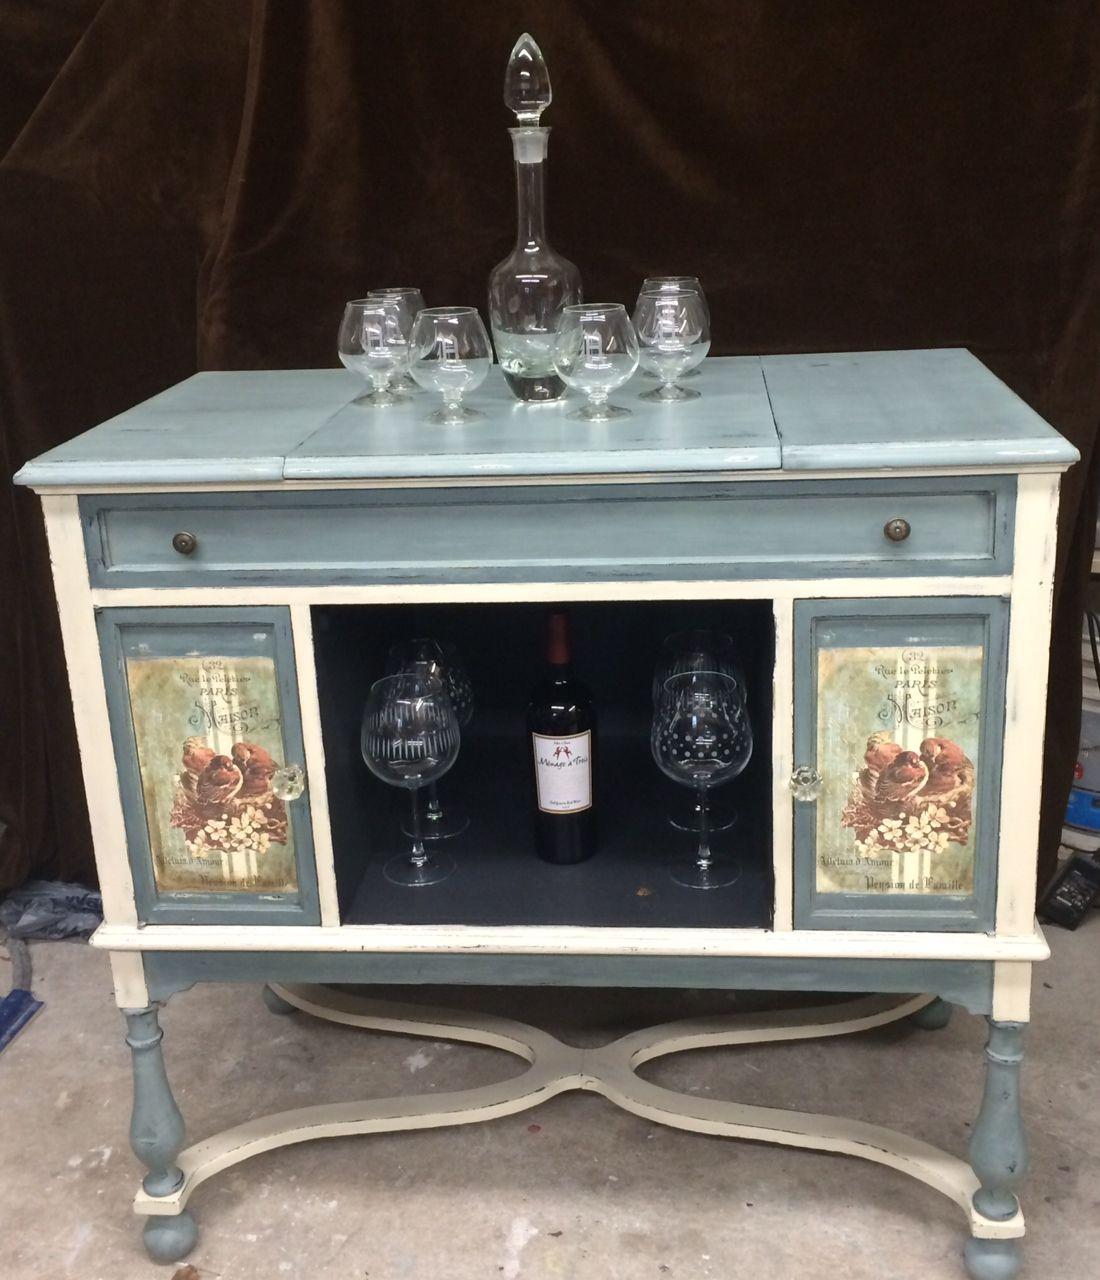 repurposed antique furniture. Hand Painted Antique Record Player Cabinet/Painted Furniture/antique Furniture/vintage Furniture/Repurposed Cabinet/ Up-cycled Repurposed Furniture I